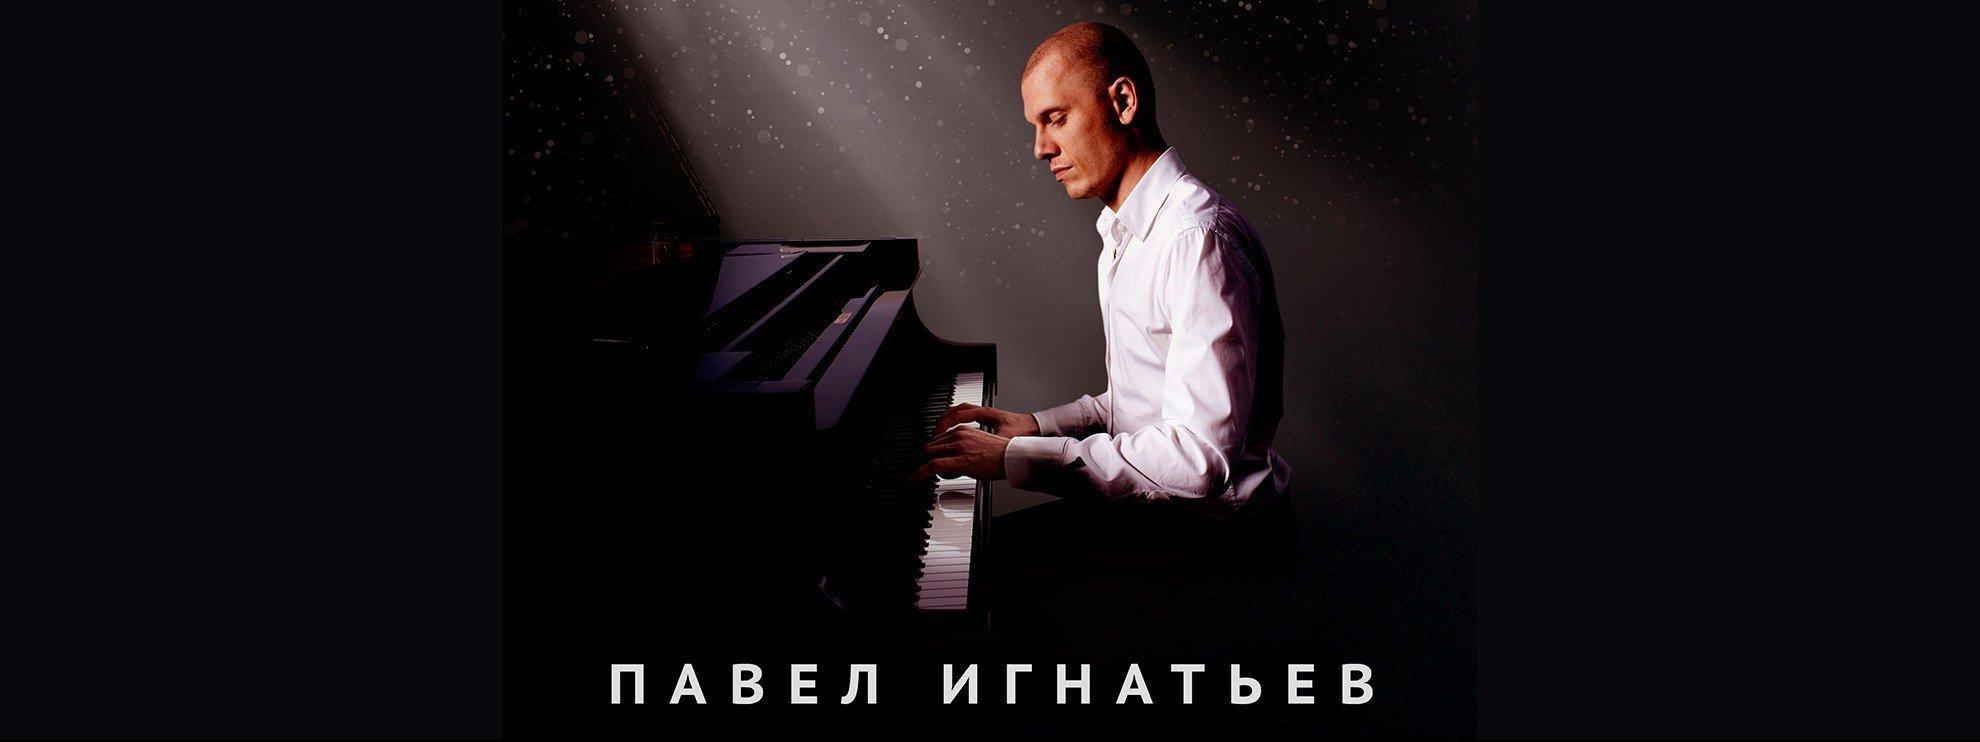 исполнитель Павел Игнатьев